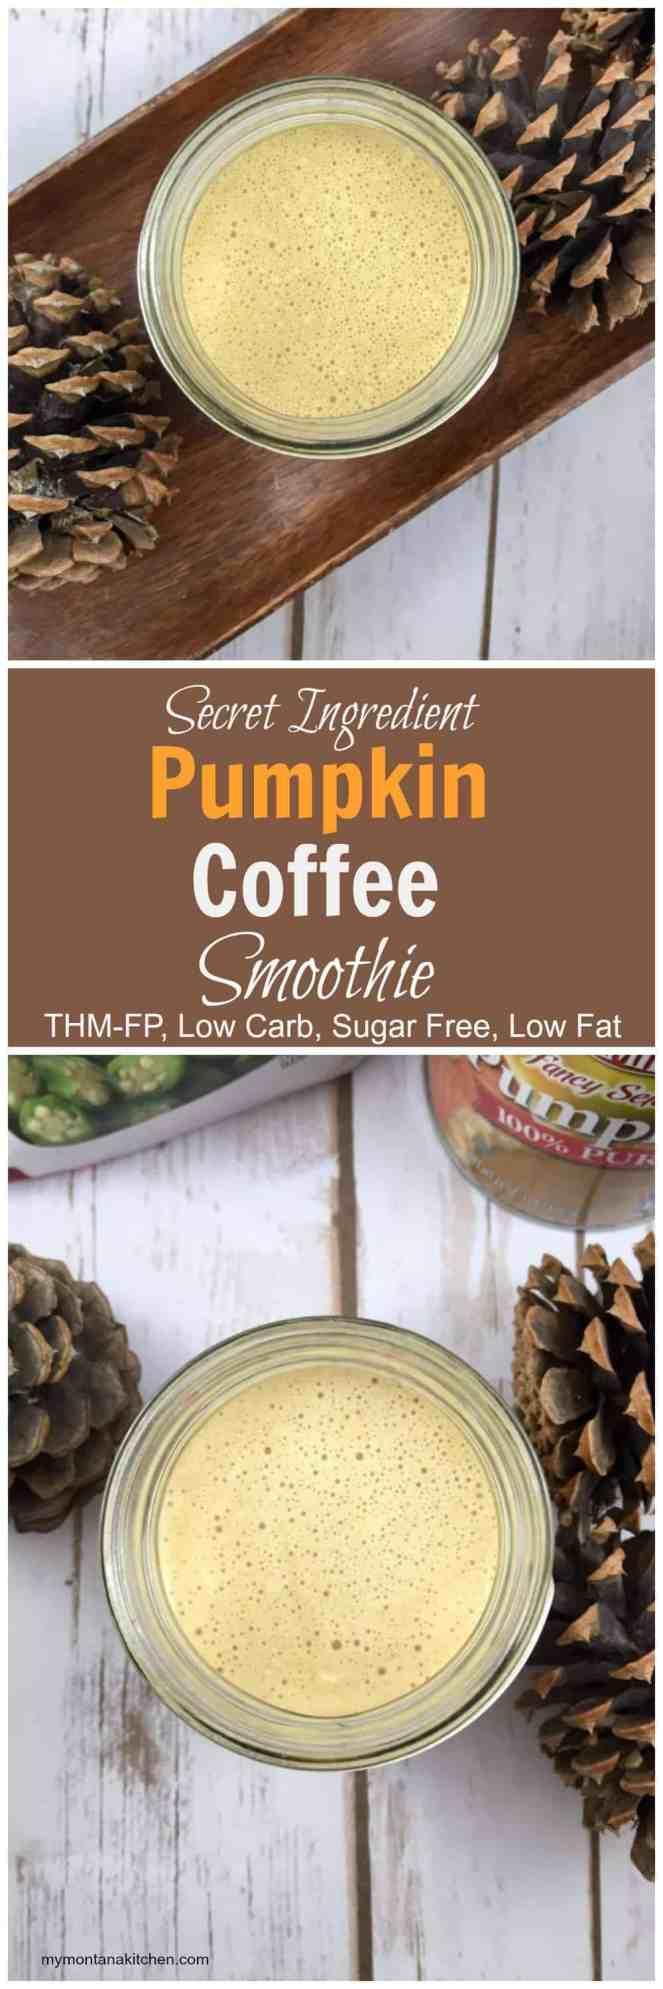 Secret Ingredient Pumpkin Coffee Smoothie